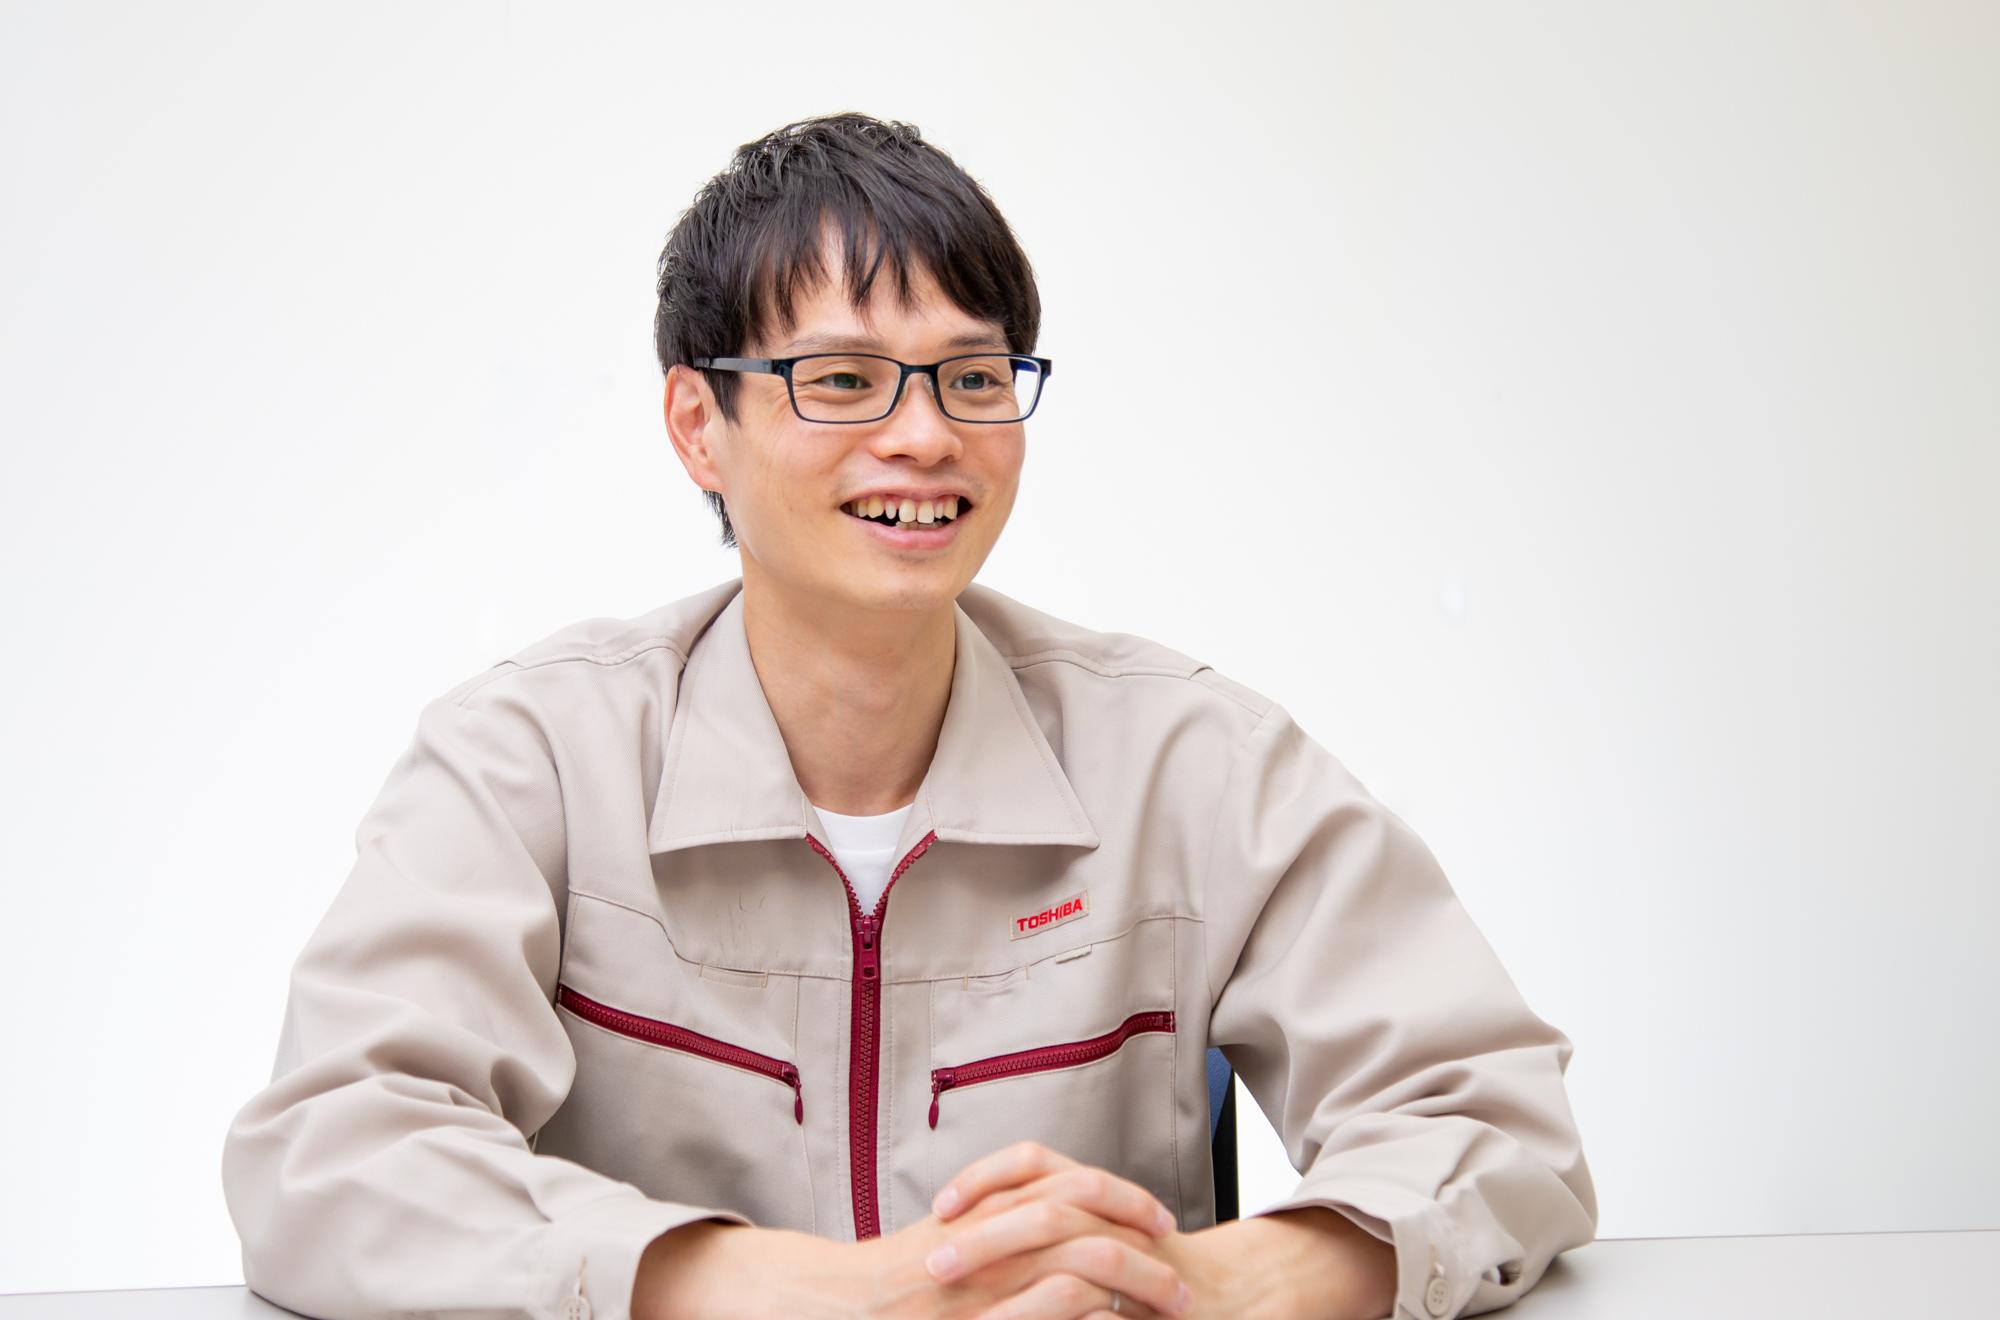 株式会社東芝 電池事業部 電池システム開発部 電池システム開発第一担当 黒須 雅浩氏(1)